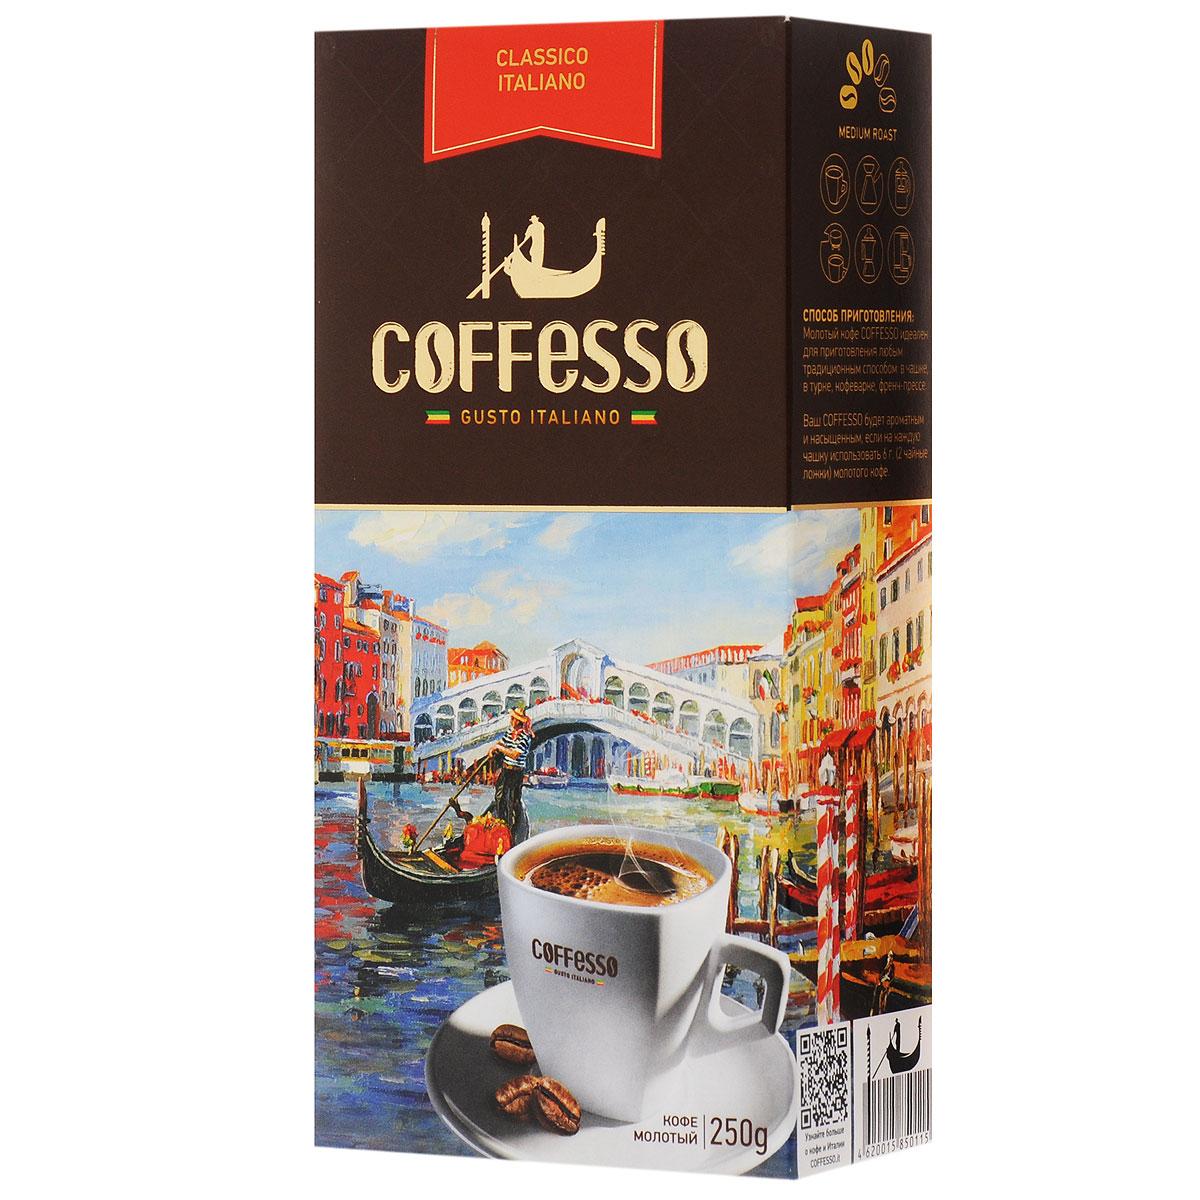 Coffesso Classico Italiano кофе молотый, 250 г710200Coffesso Classico Italian - превосходный молотый кофе в сашетах. Искусно подобранные сорта арабики и робусты создают насыщенный многогранный вкус, который все больше раскрывается с каждым глотком.